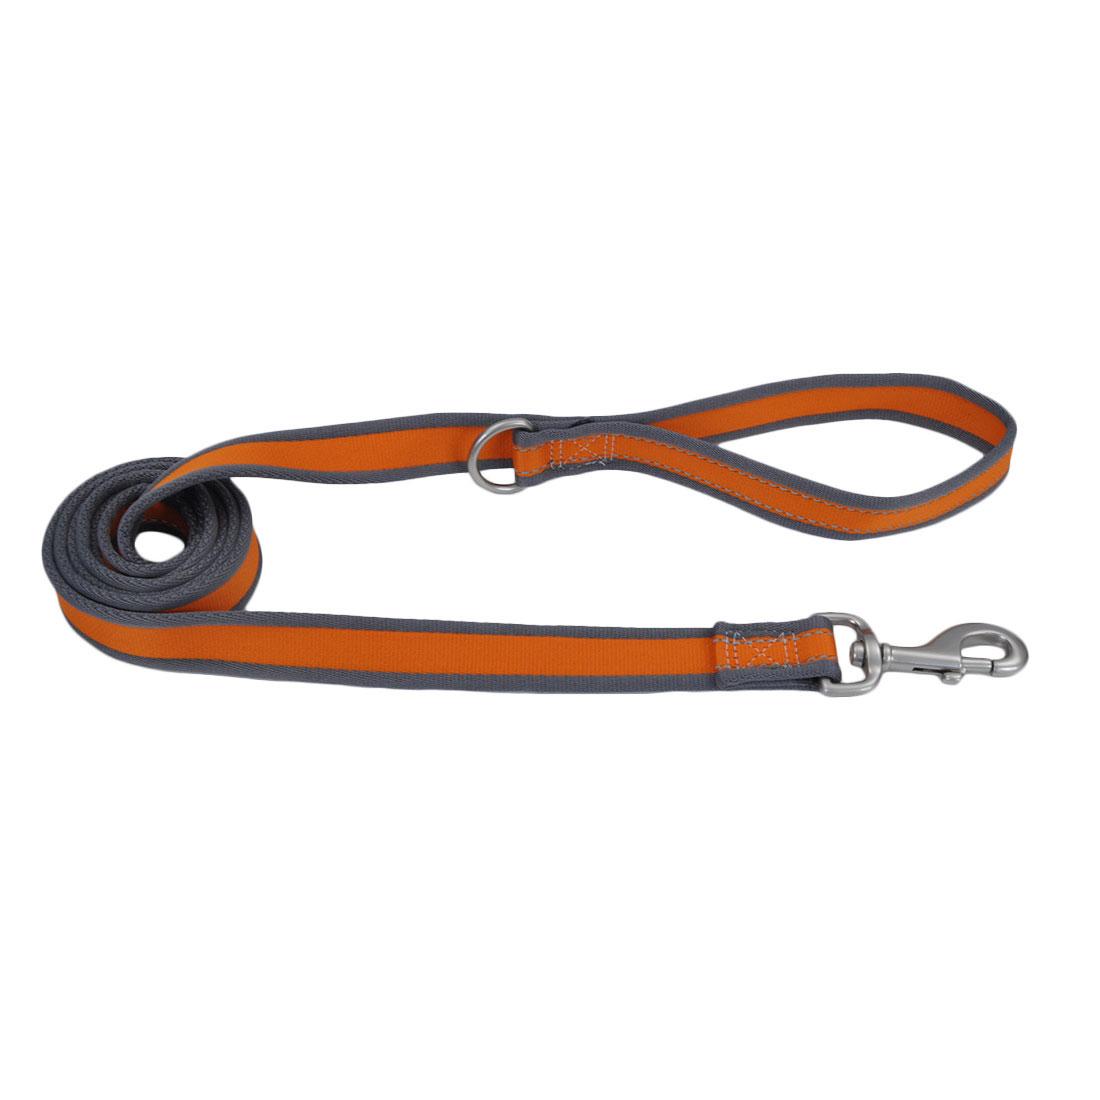 Pro Reflective Dog Leash, Bright Orange with Grey Image